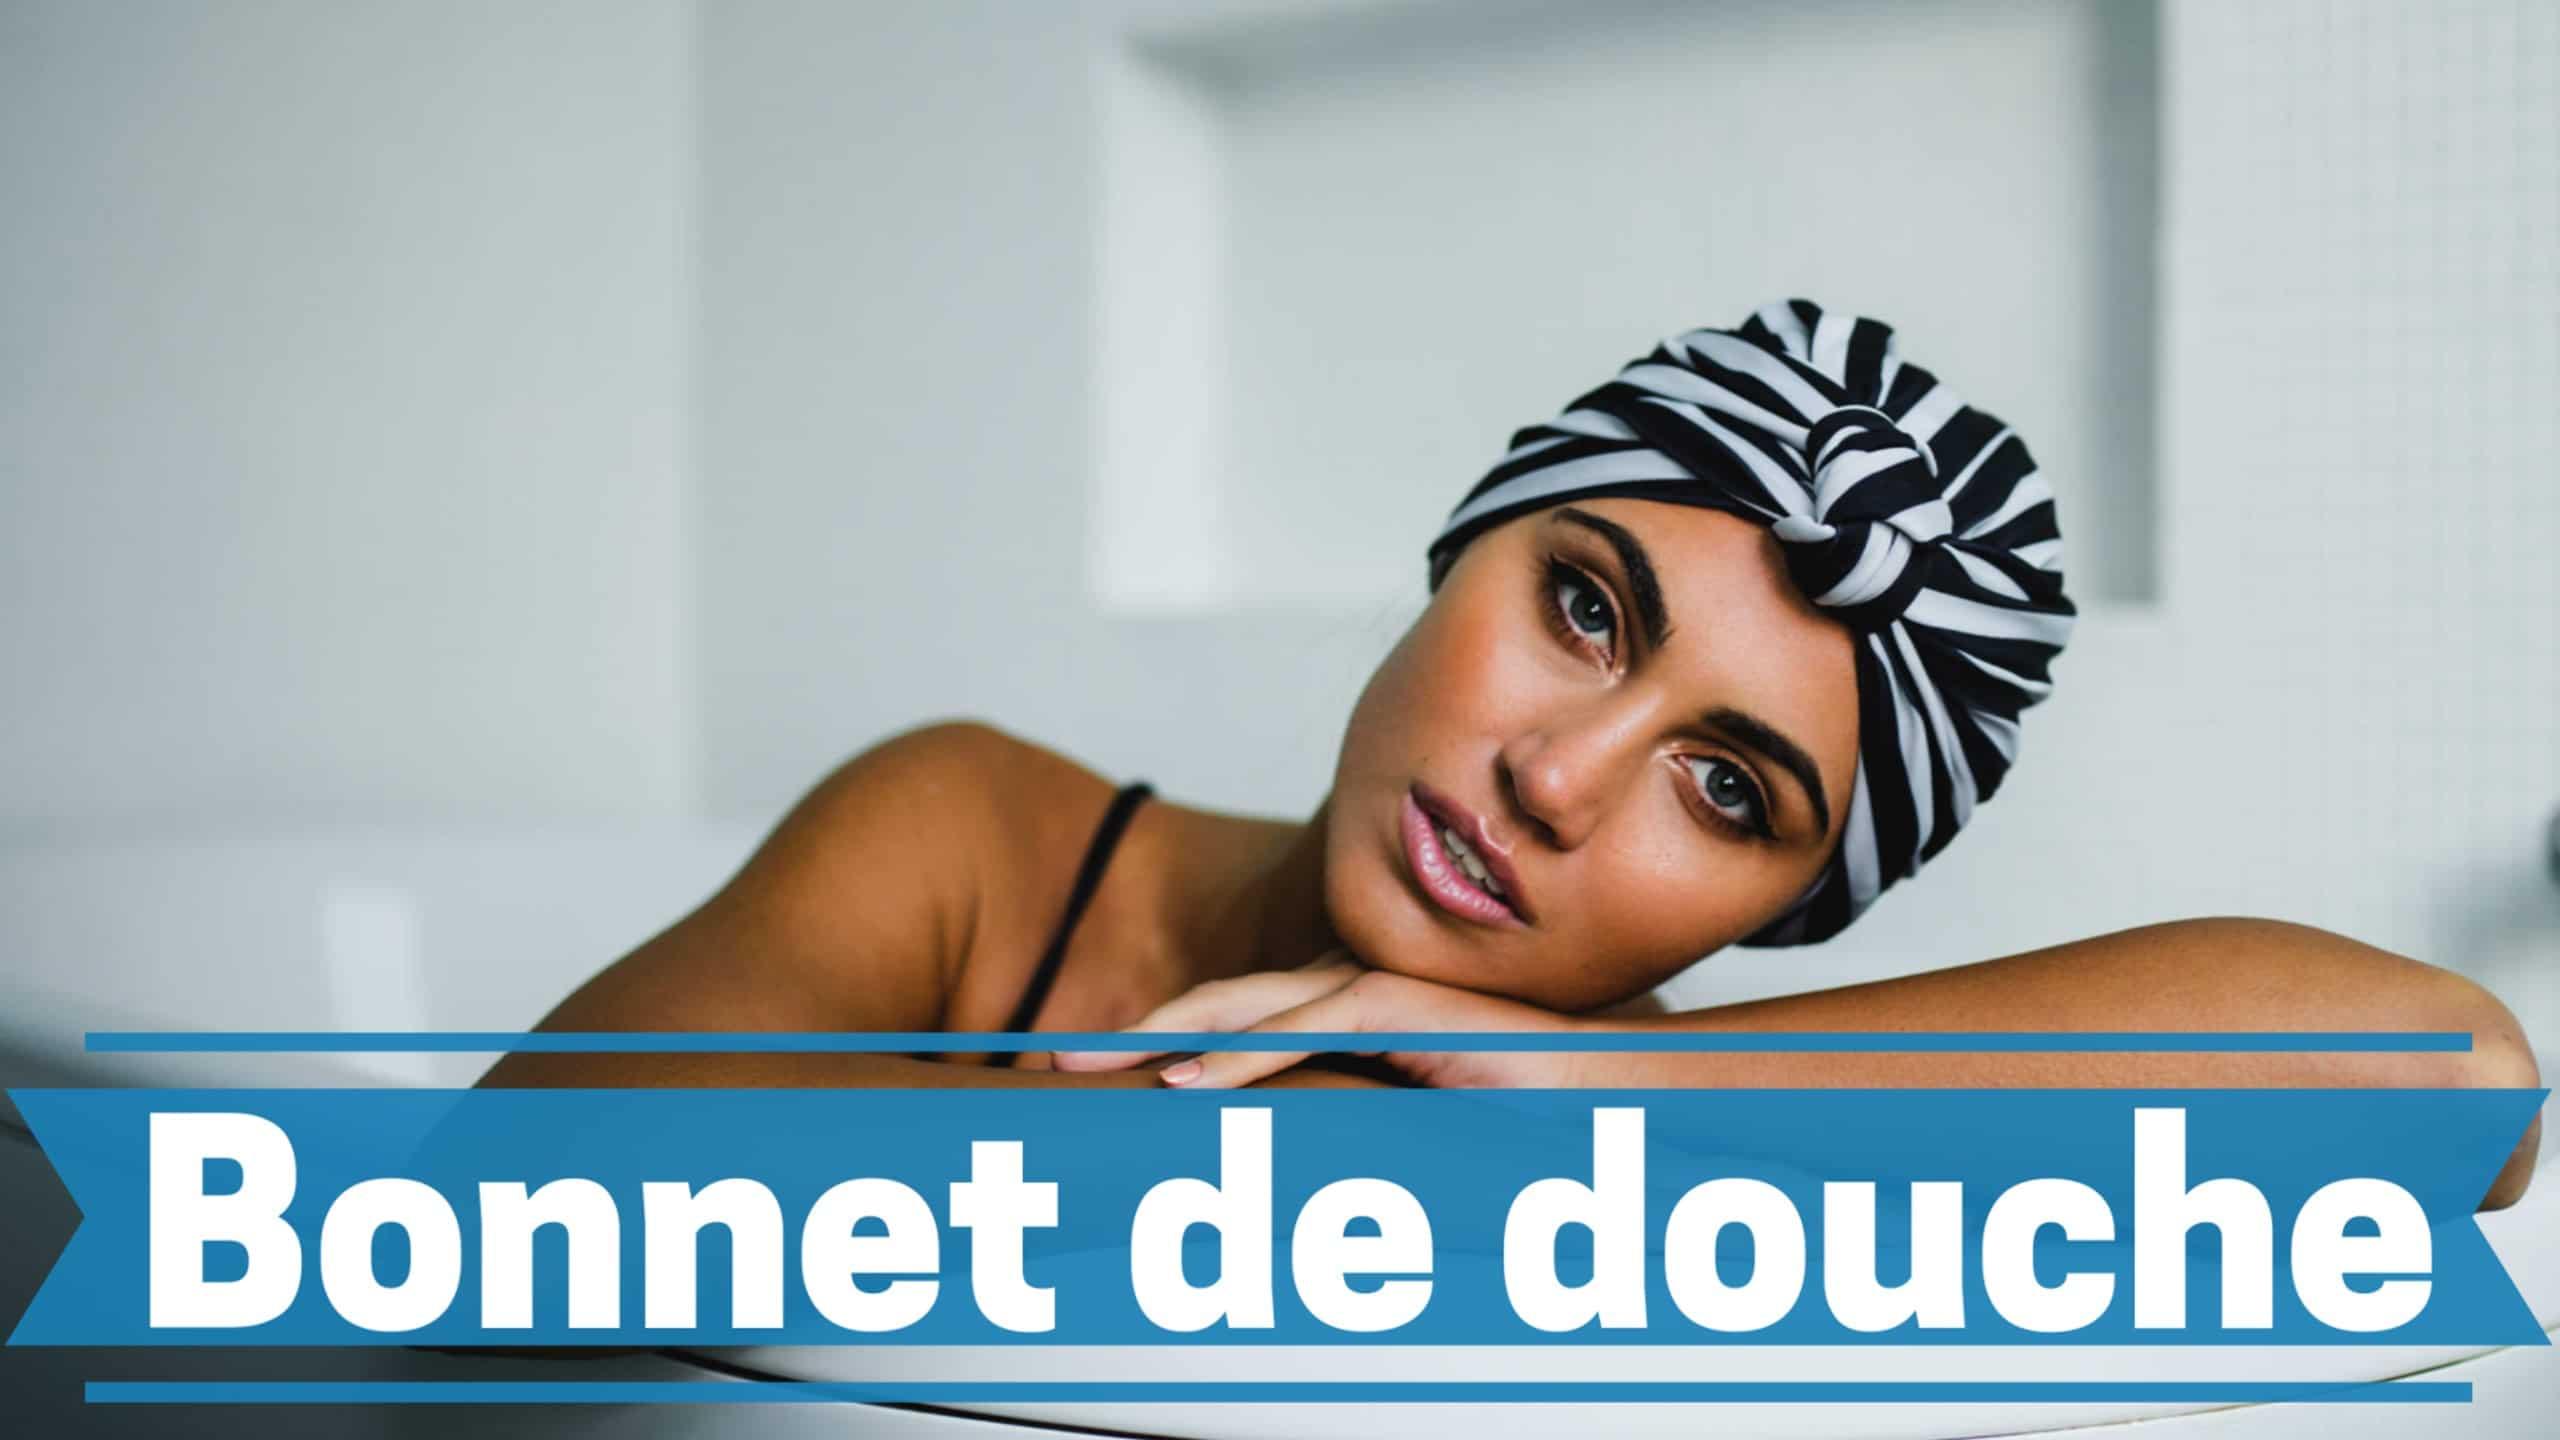 meilleur bonnet de douche comparatif guide achat avis